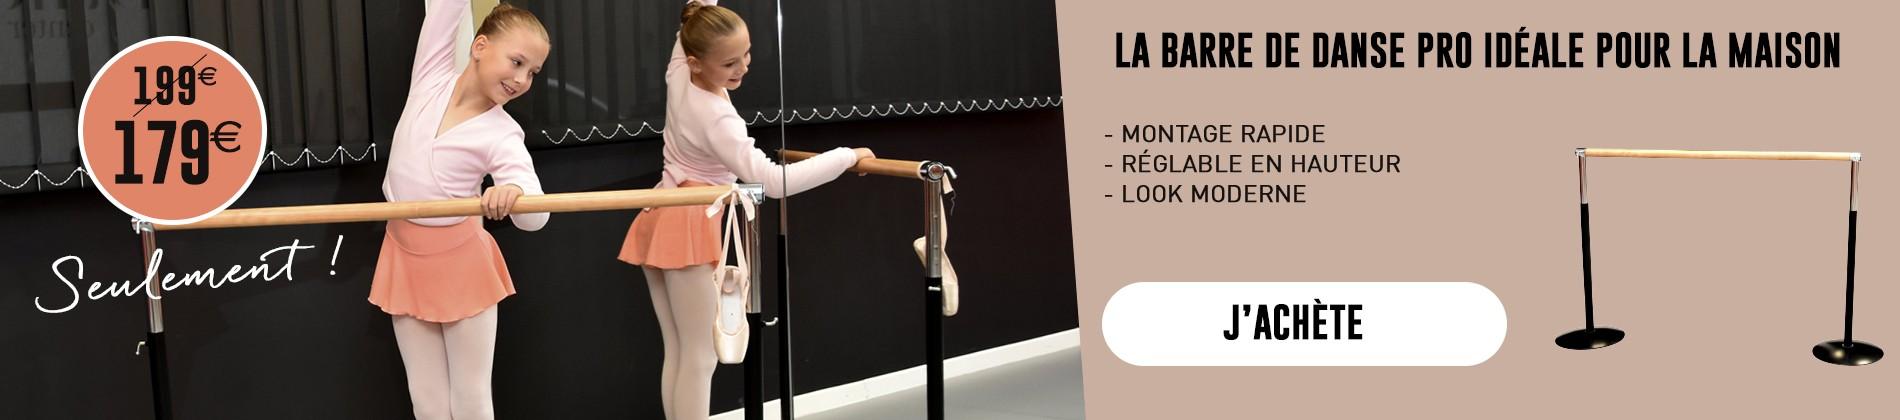 Barre de danse pro à 179 €